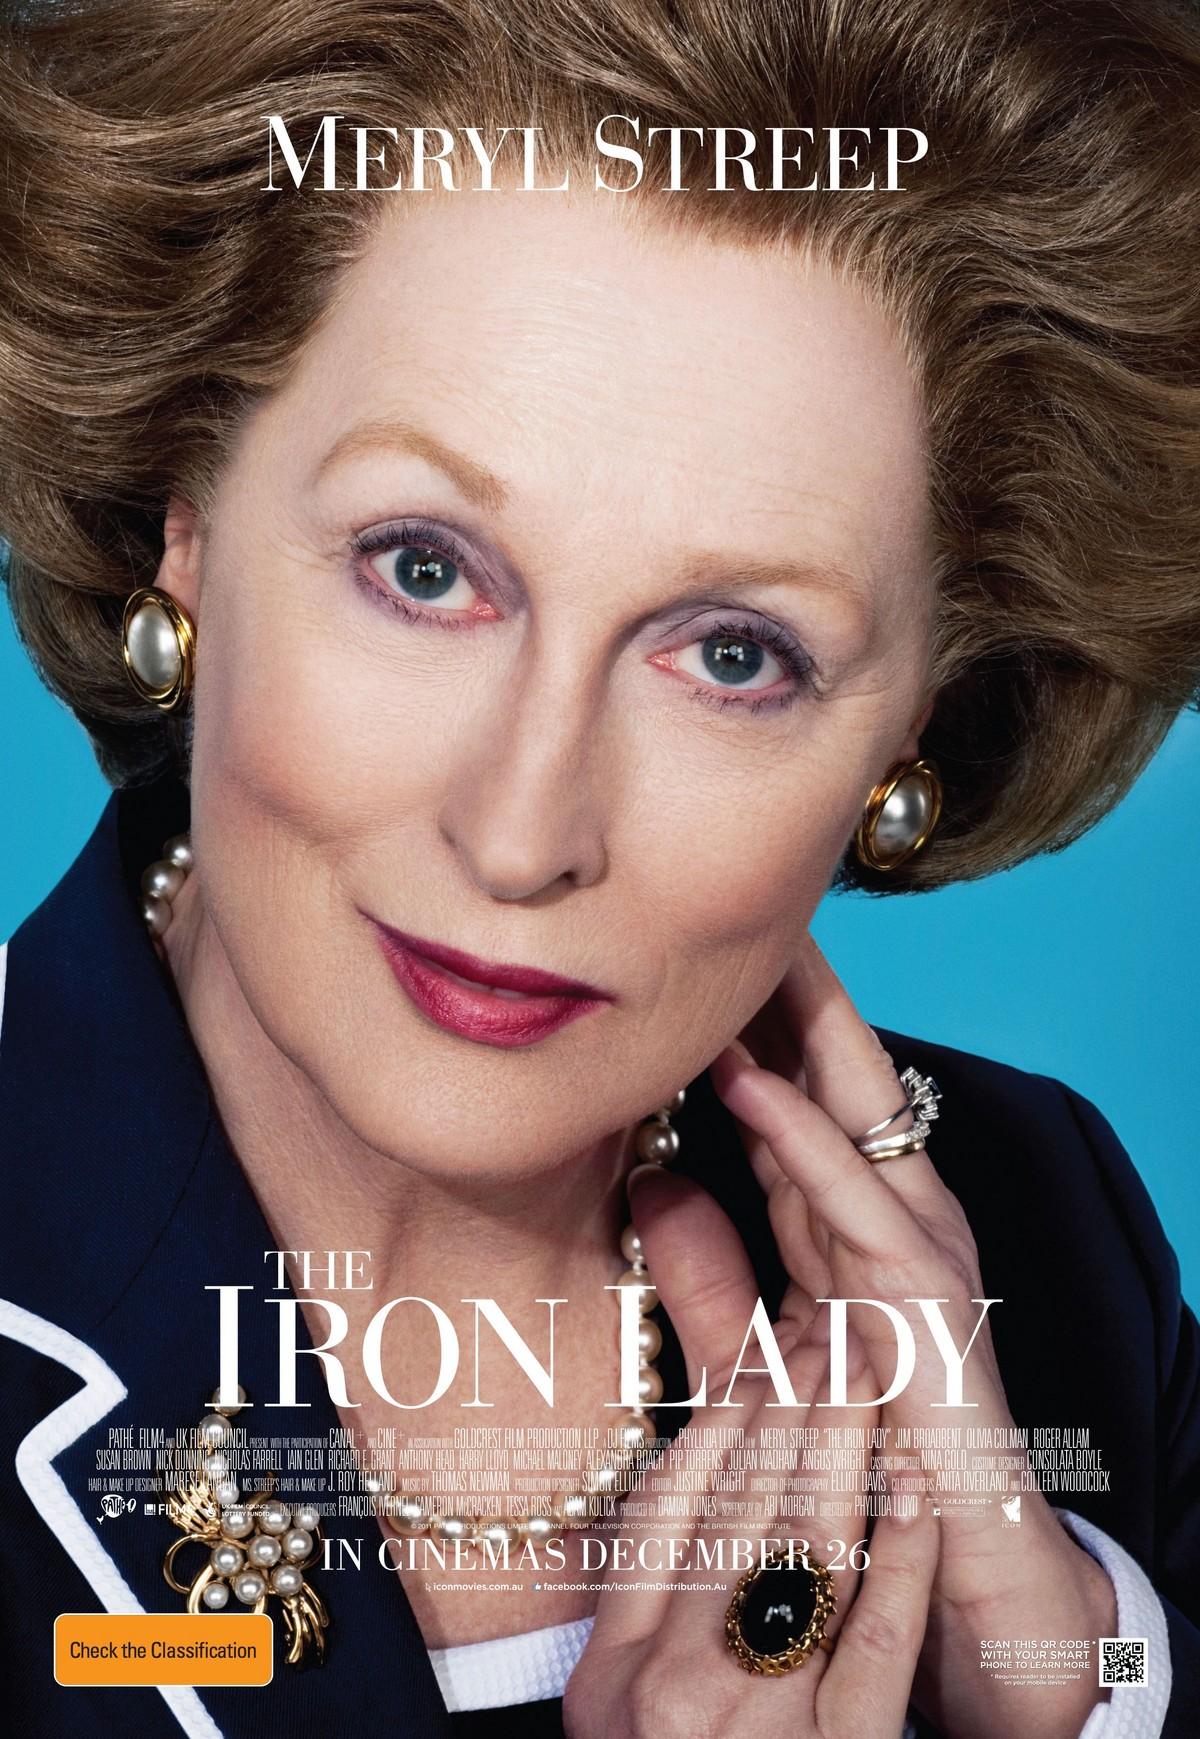 The Iron Lady - Movie Poster #1 (Original)